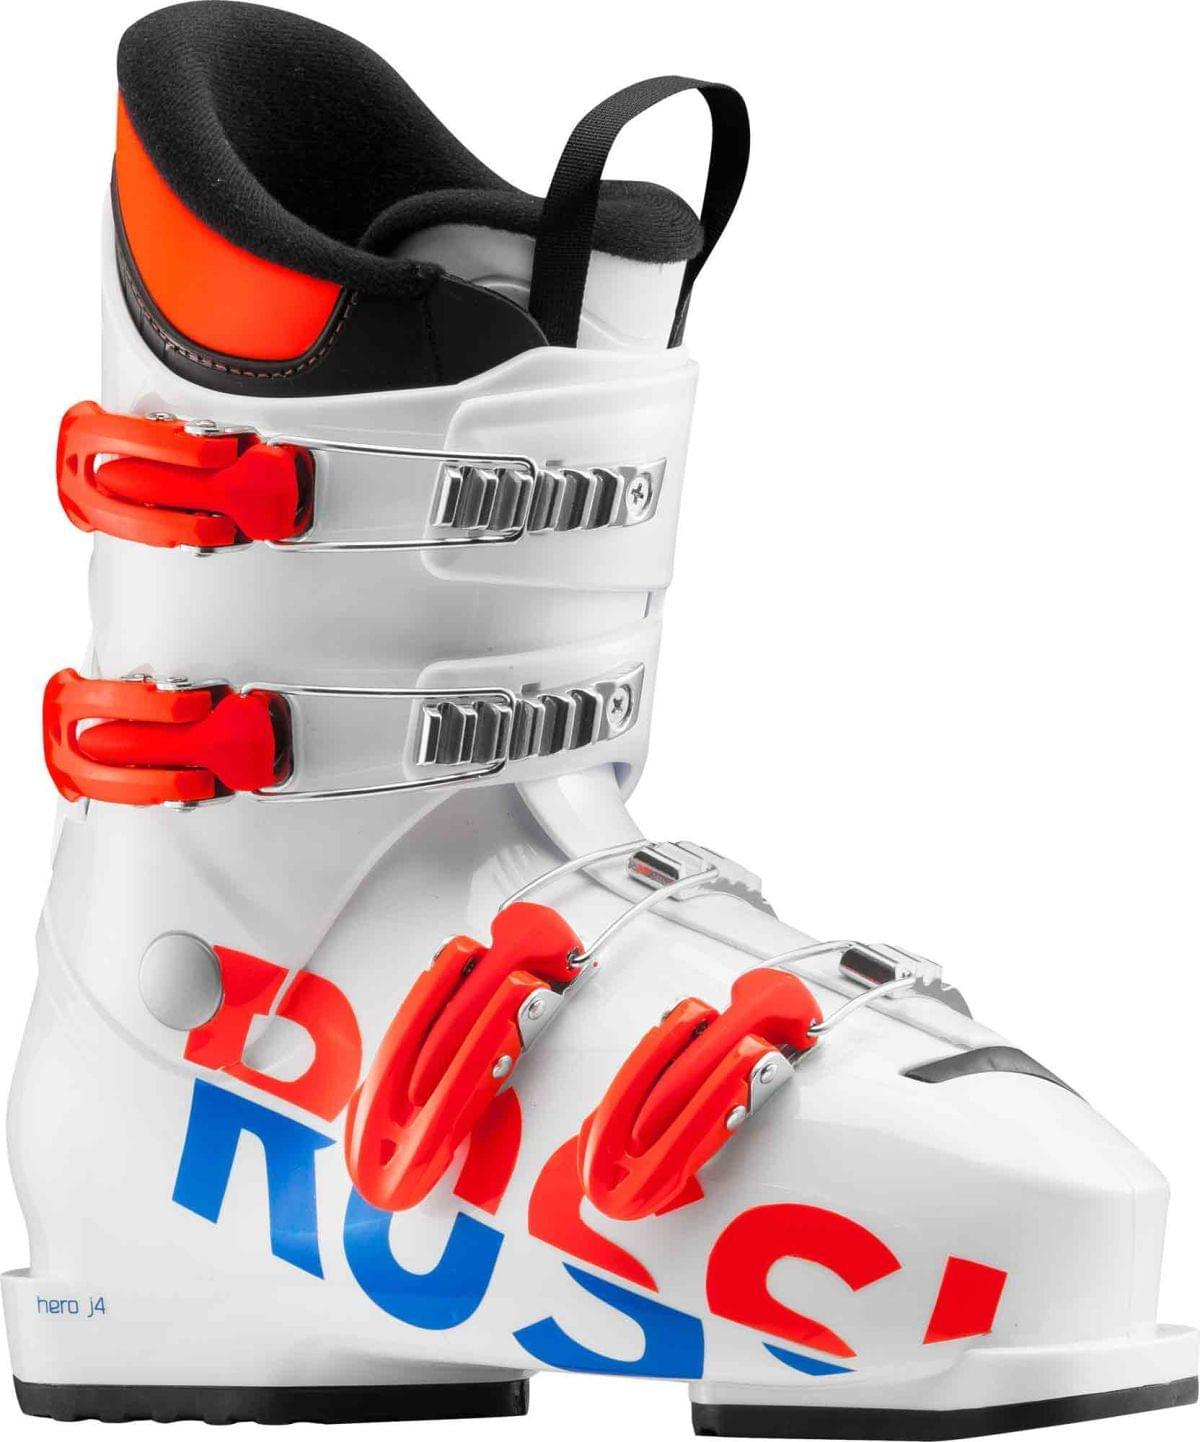 Dětské lyžařské boty Rossignol Hero J4 white - Skibi Kids 3f2584f21f